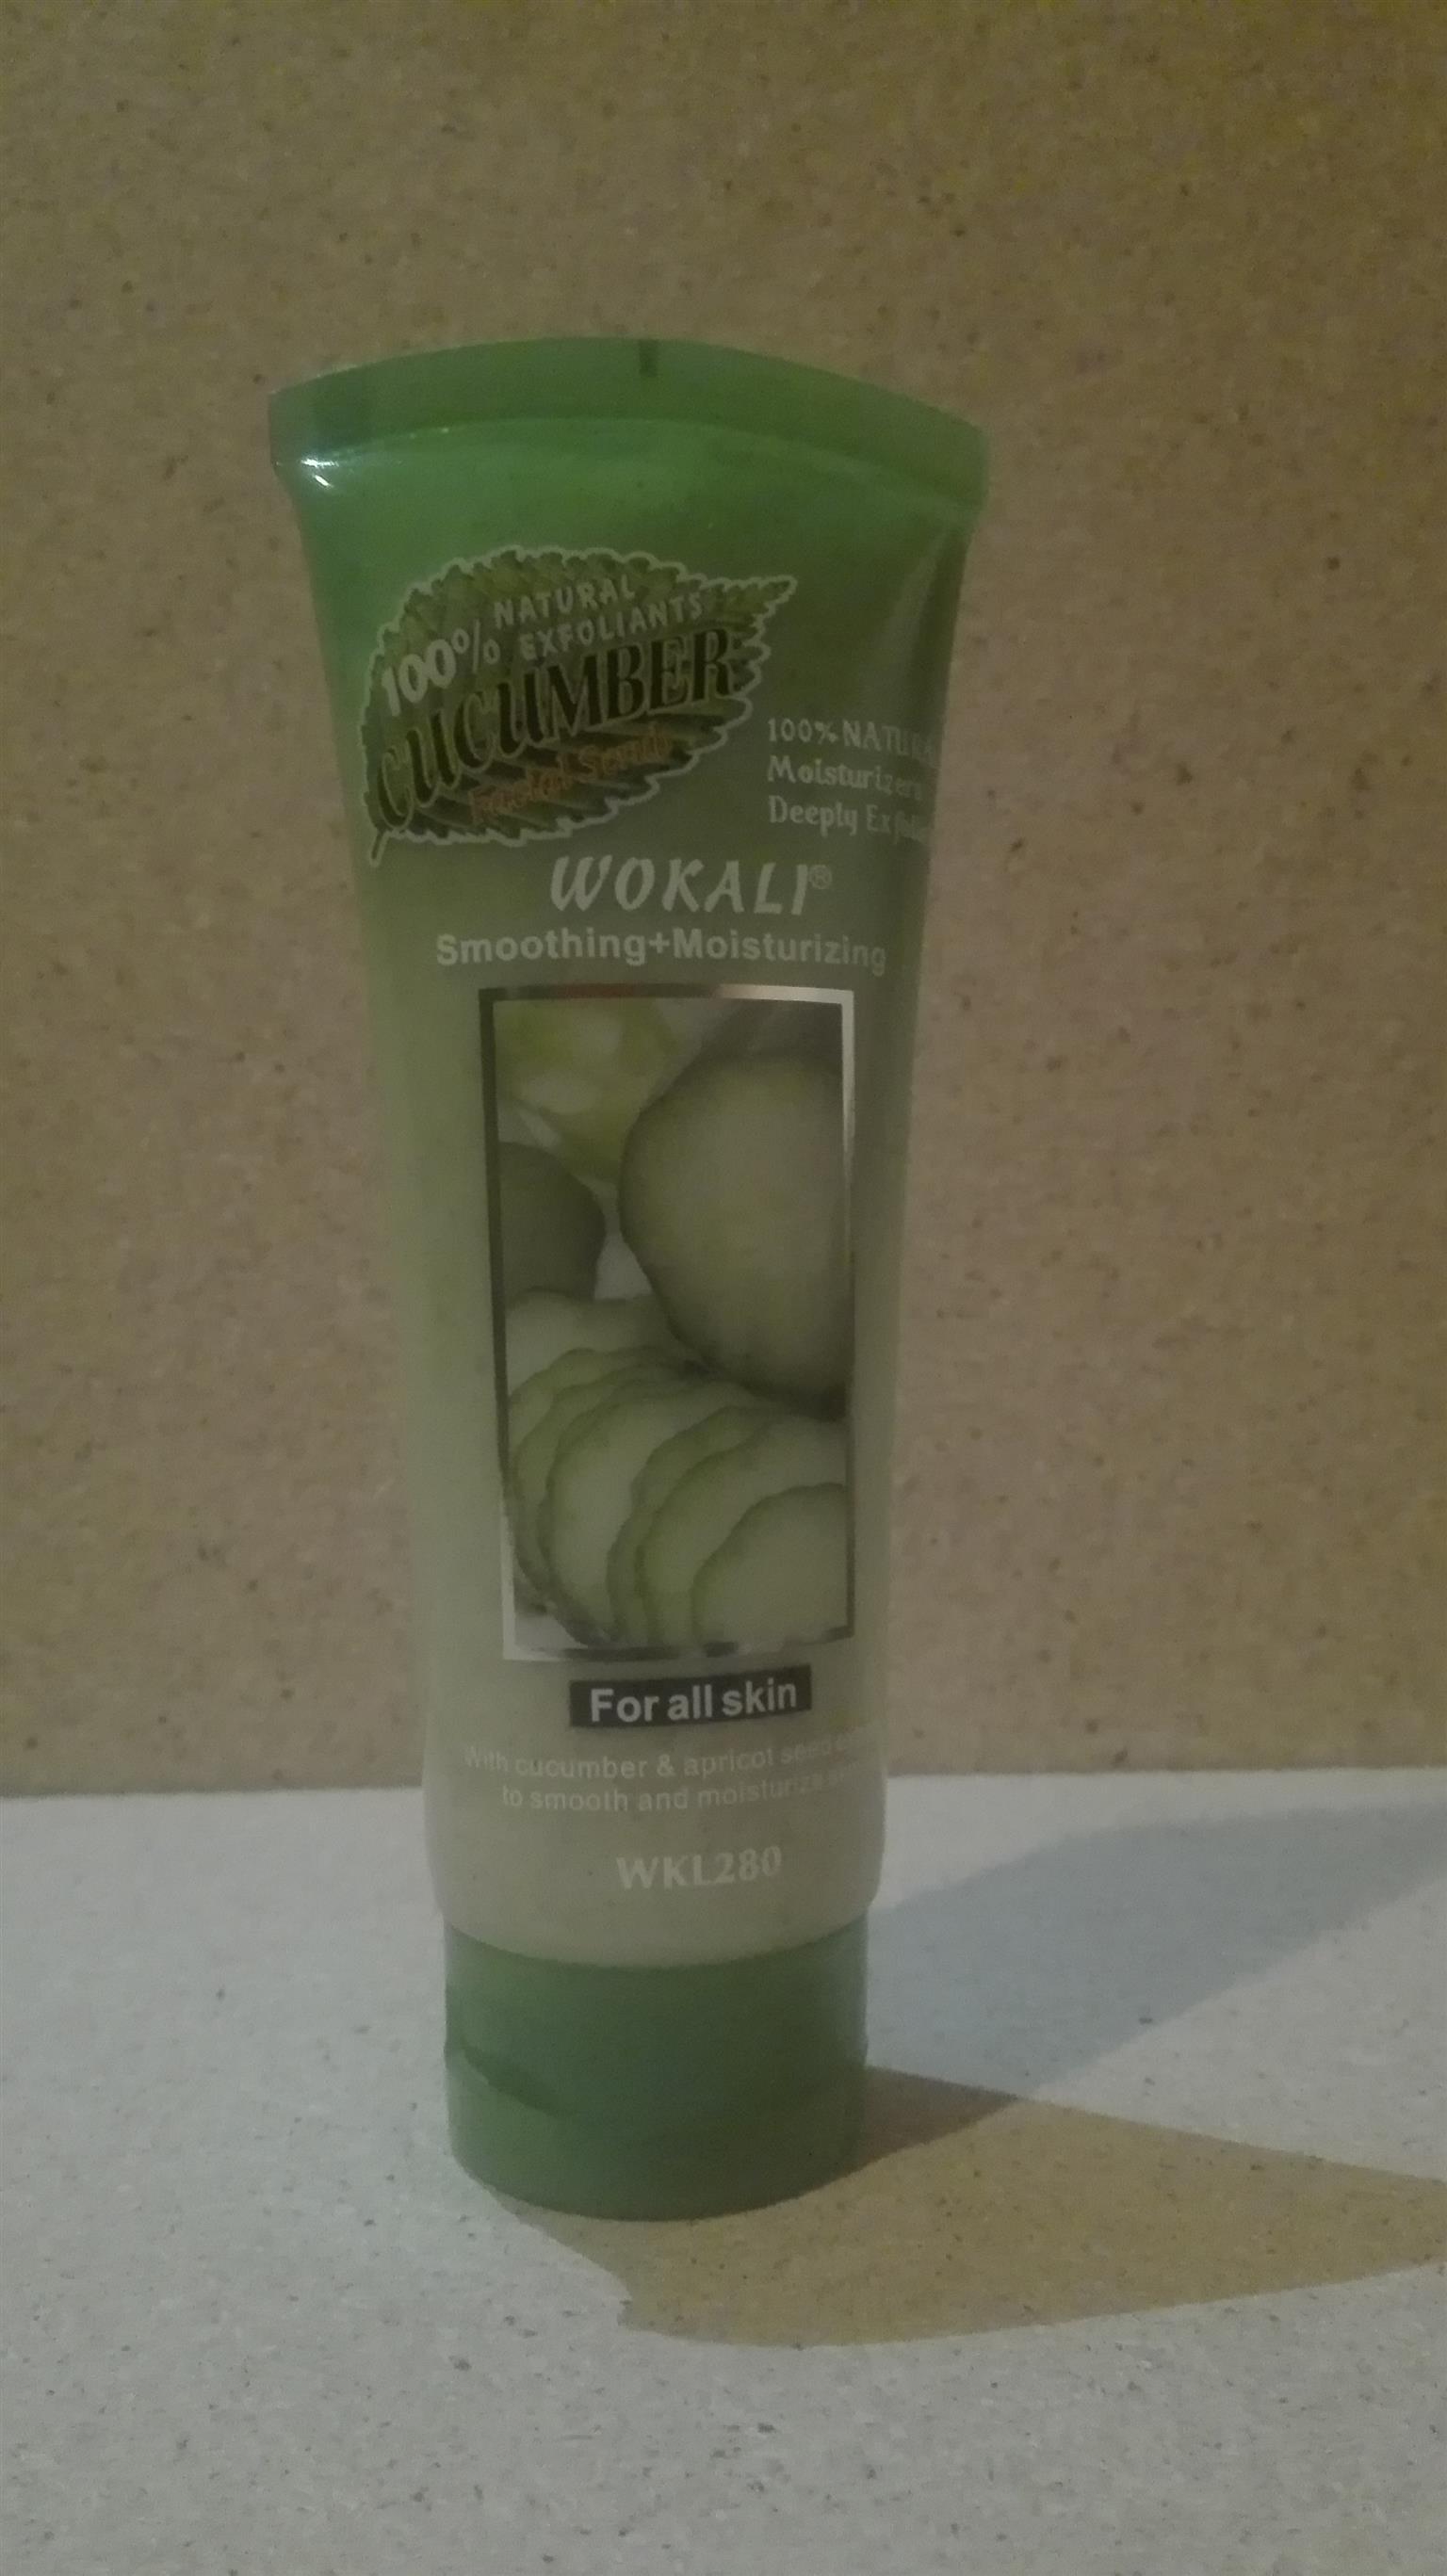 120ml hand creams 100% natural